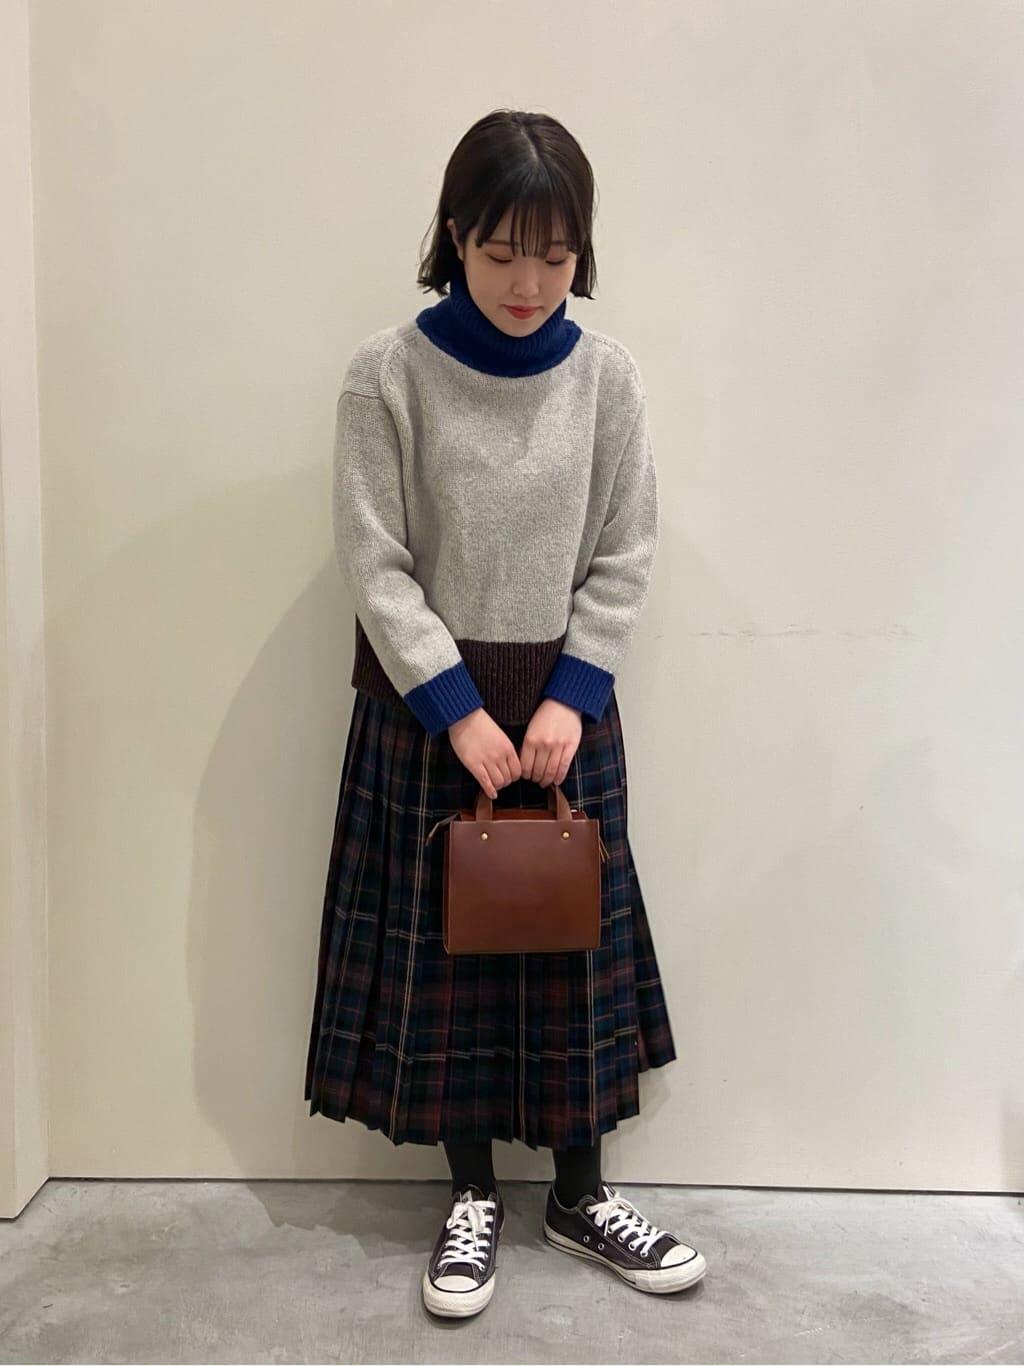 CHILD WOMAN , PAR ICI 新宿ミロード 2021.10.25